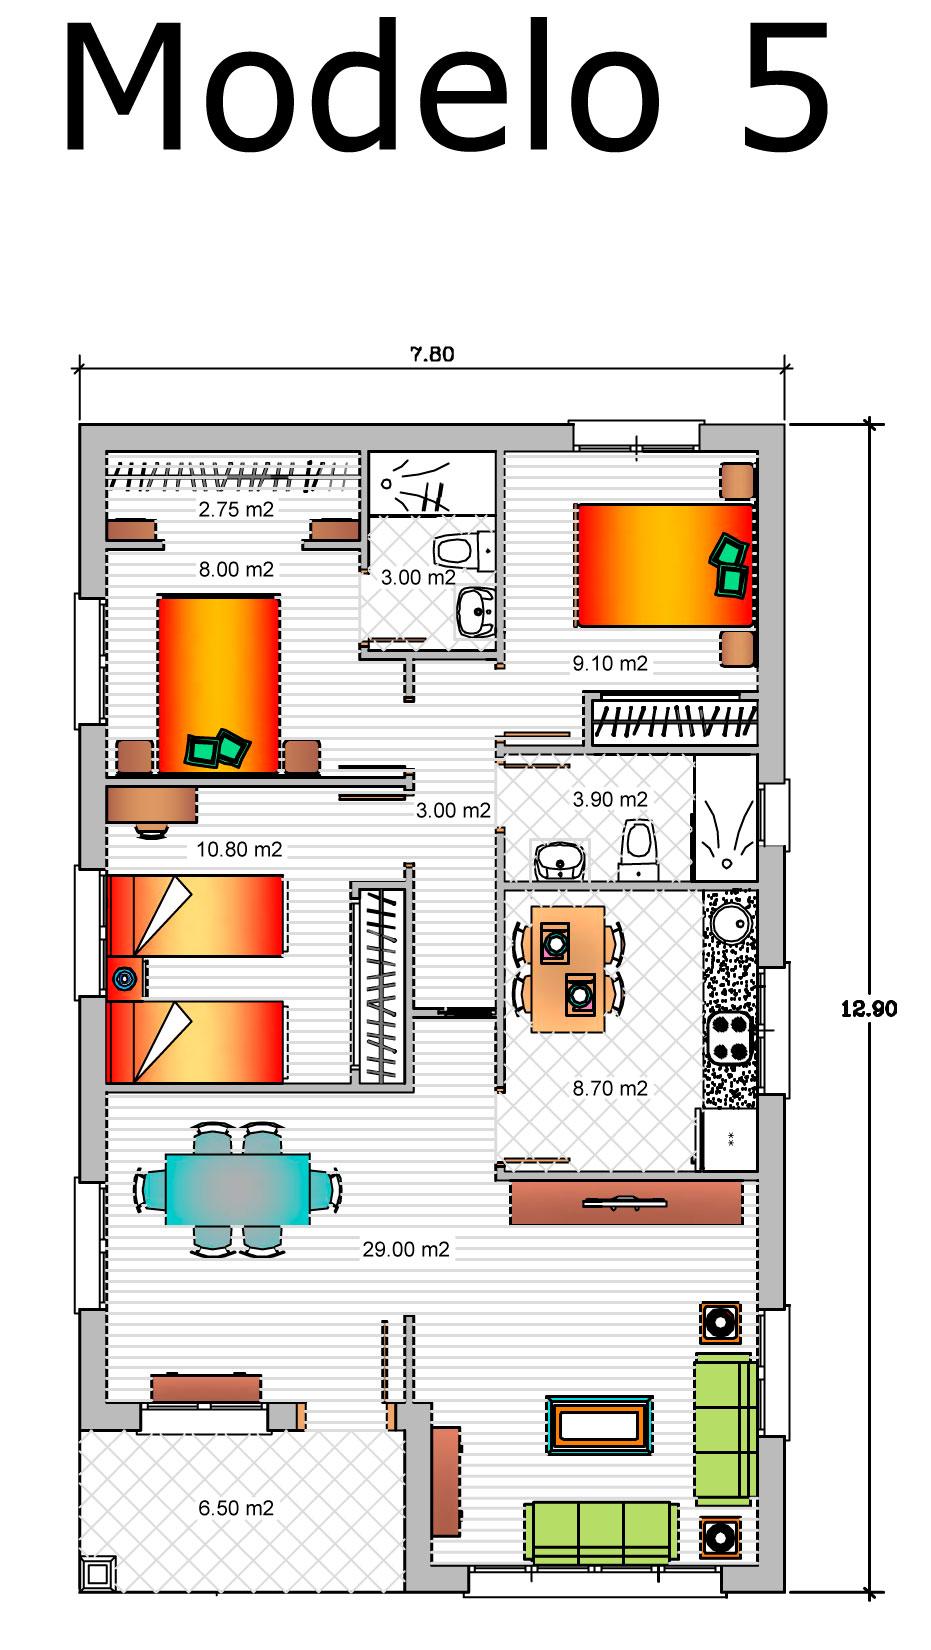 Precio proyecto casa 120 m2 planos de casas gratis y en venta plano de vivienda de dormitorios - Precio proyecto casa 120 m2 ...